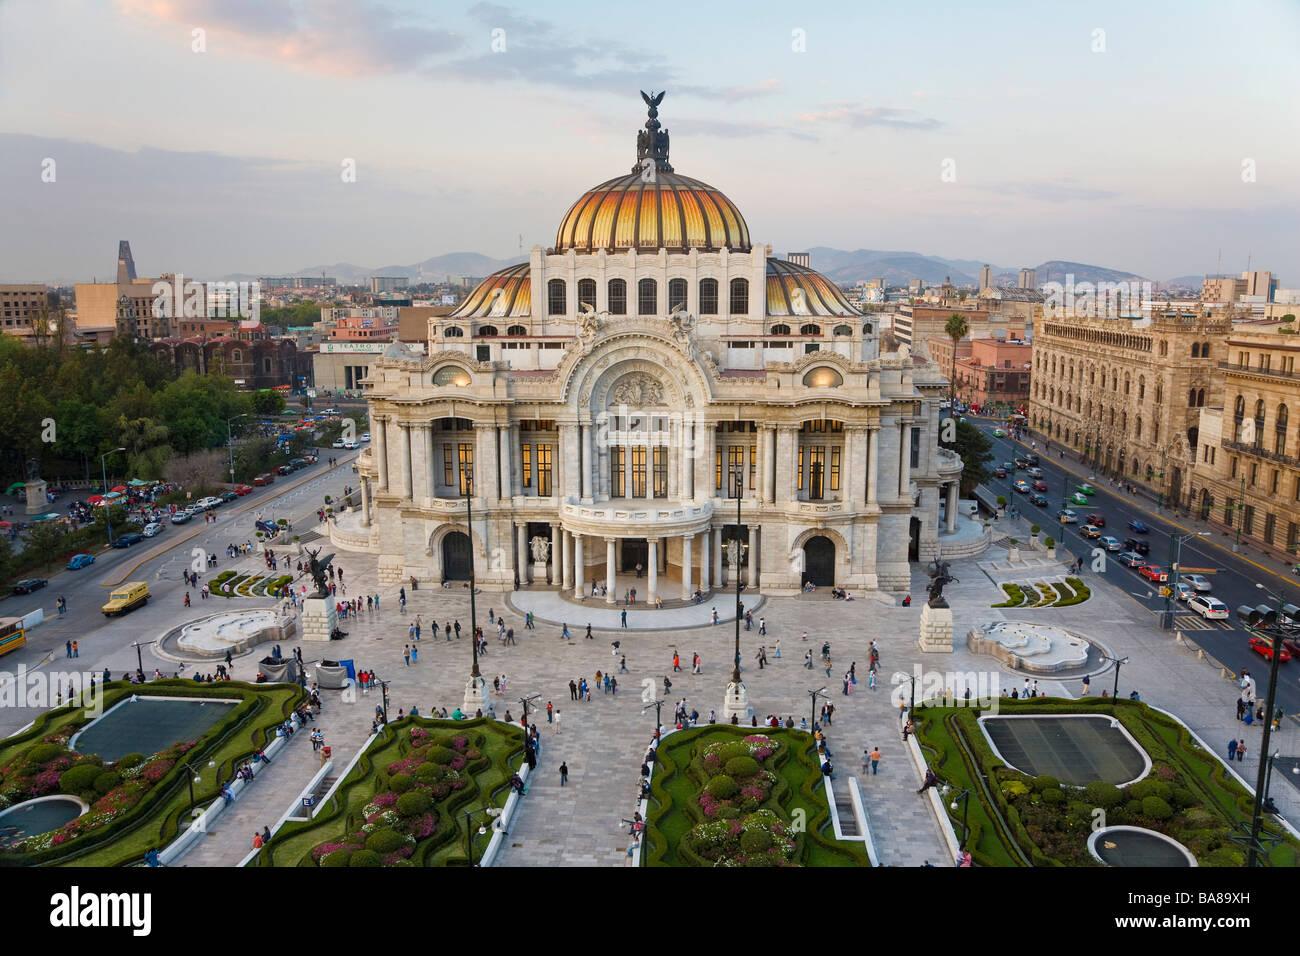 Palacio de Bellas Artes Ciudad de México México Imagen De Stock